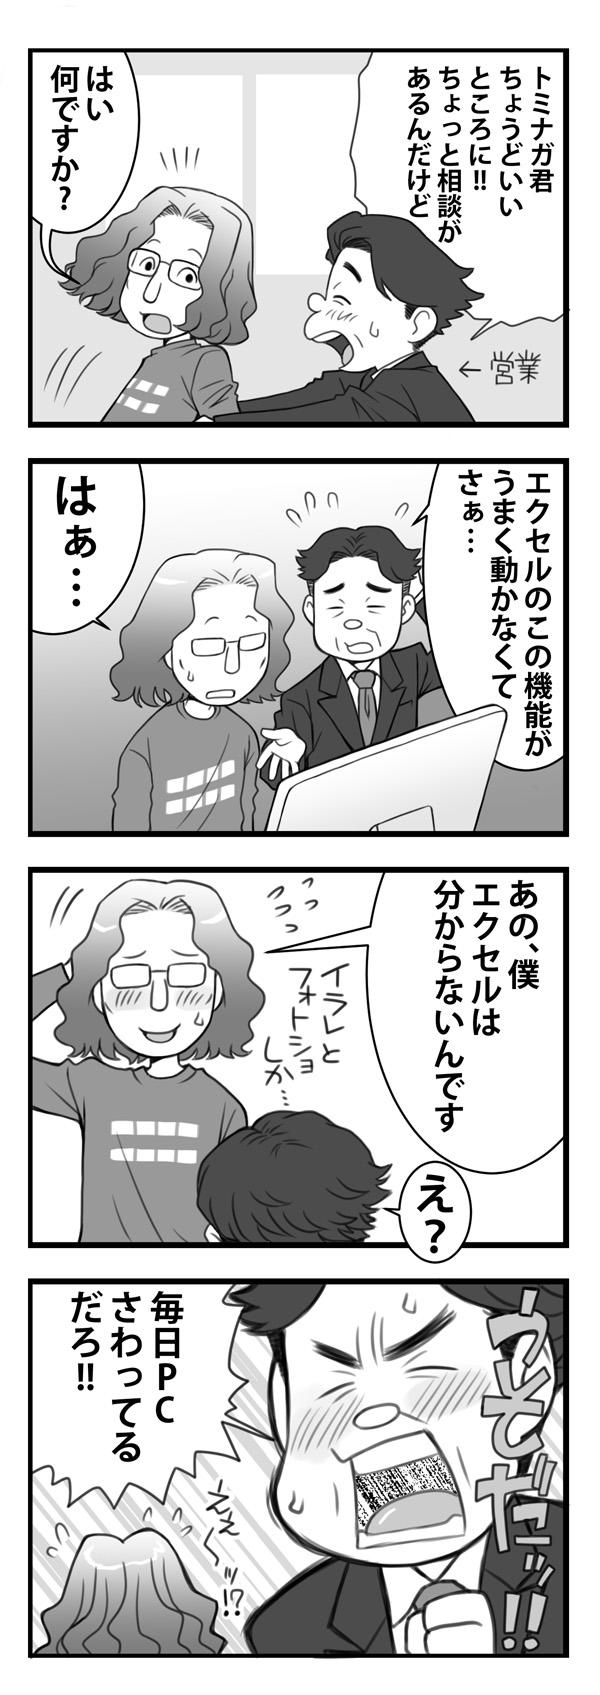 デザイナー漫画18話